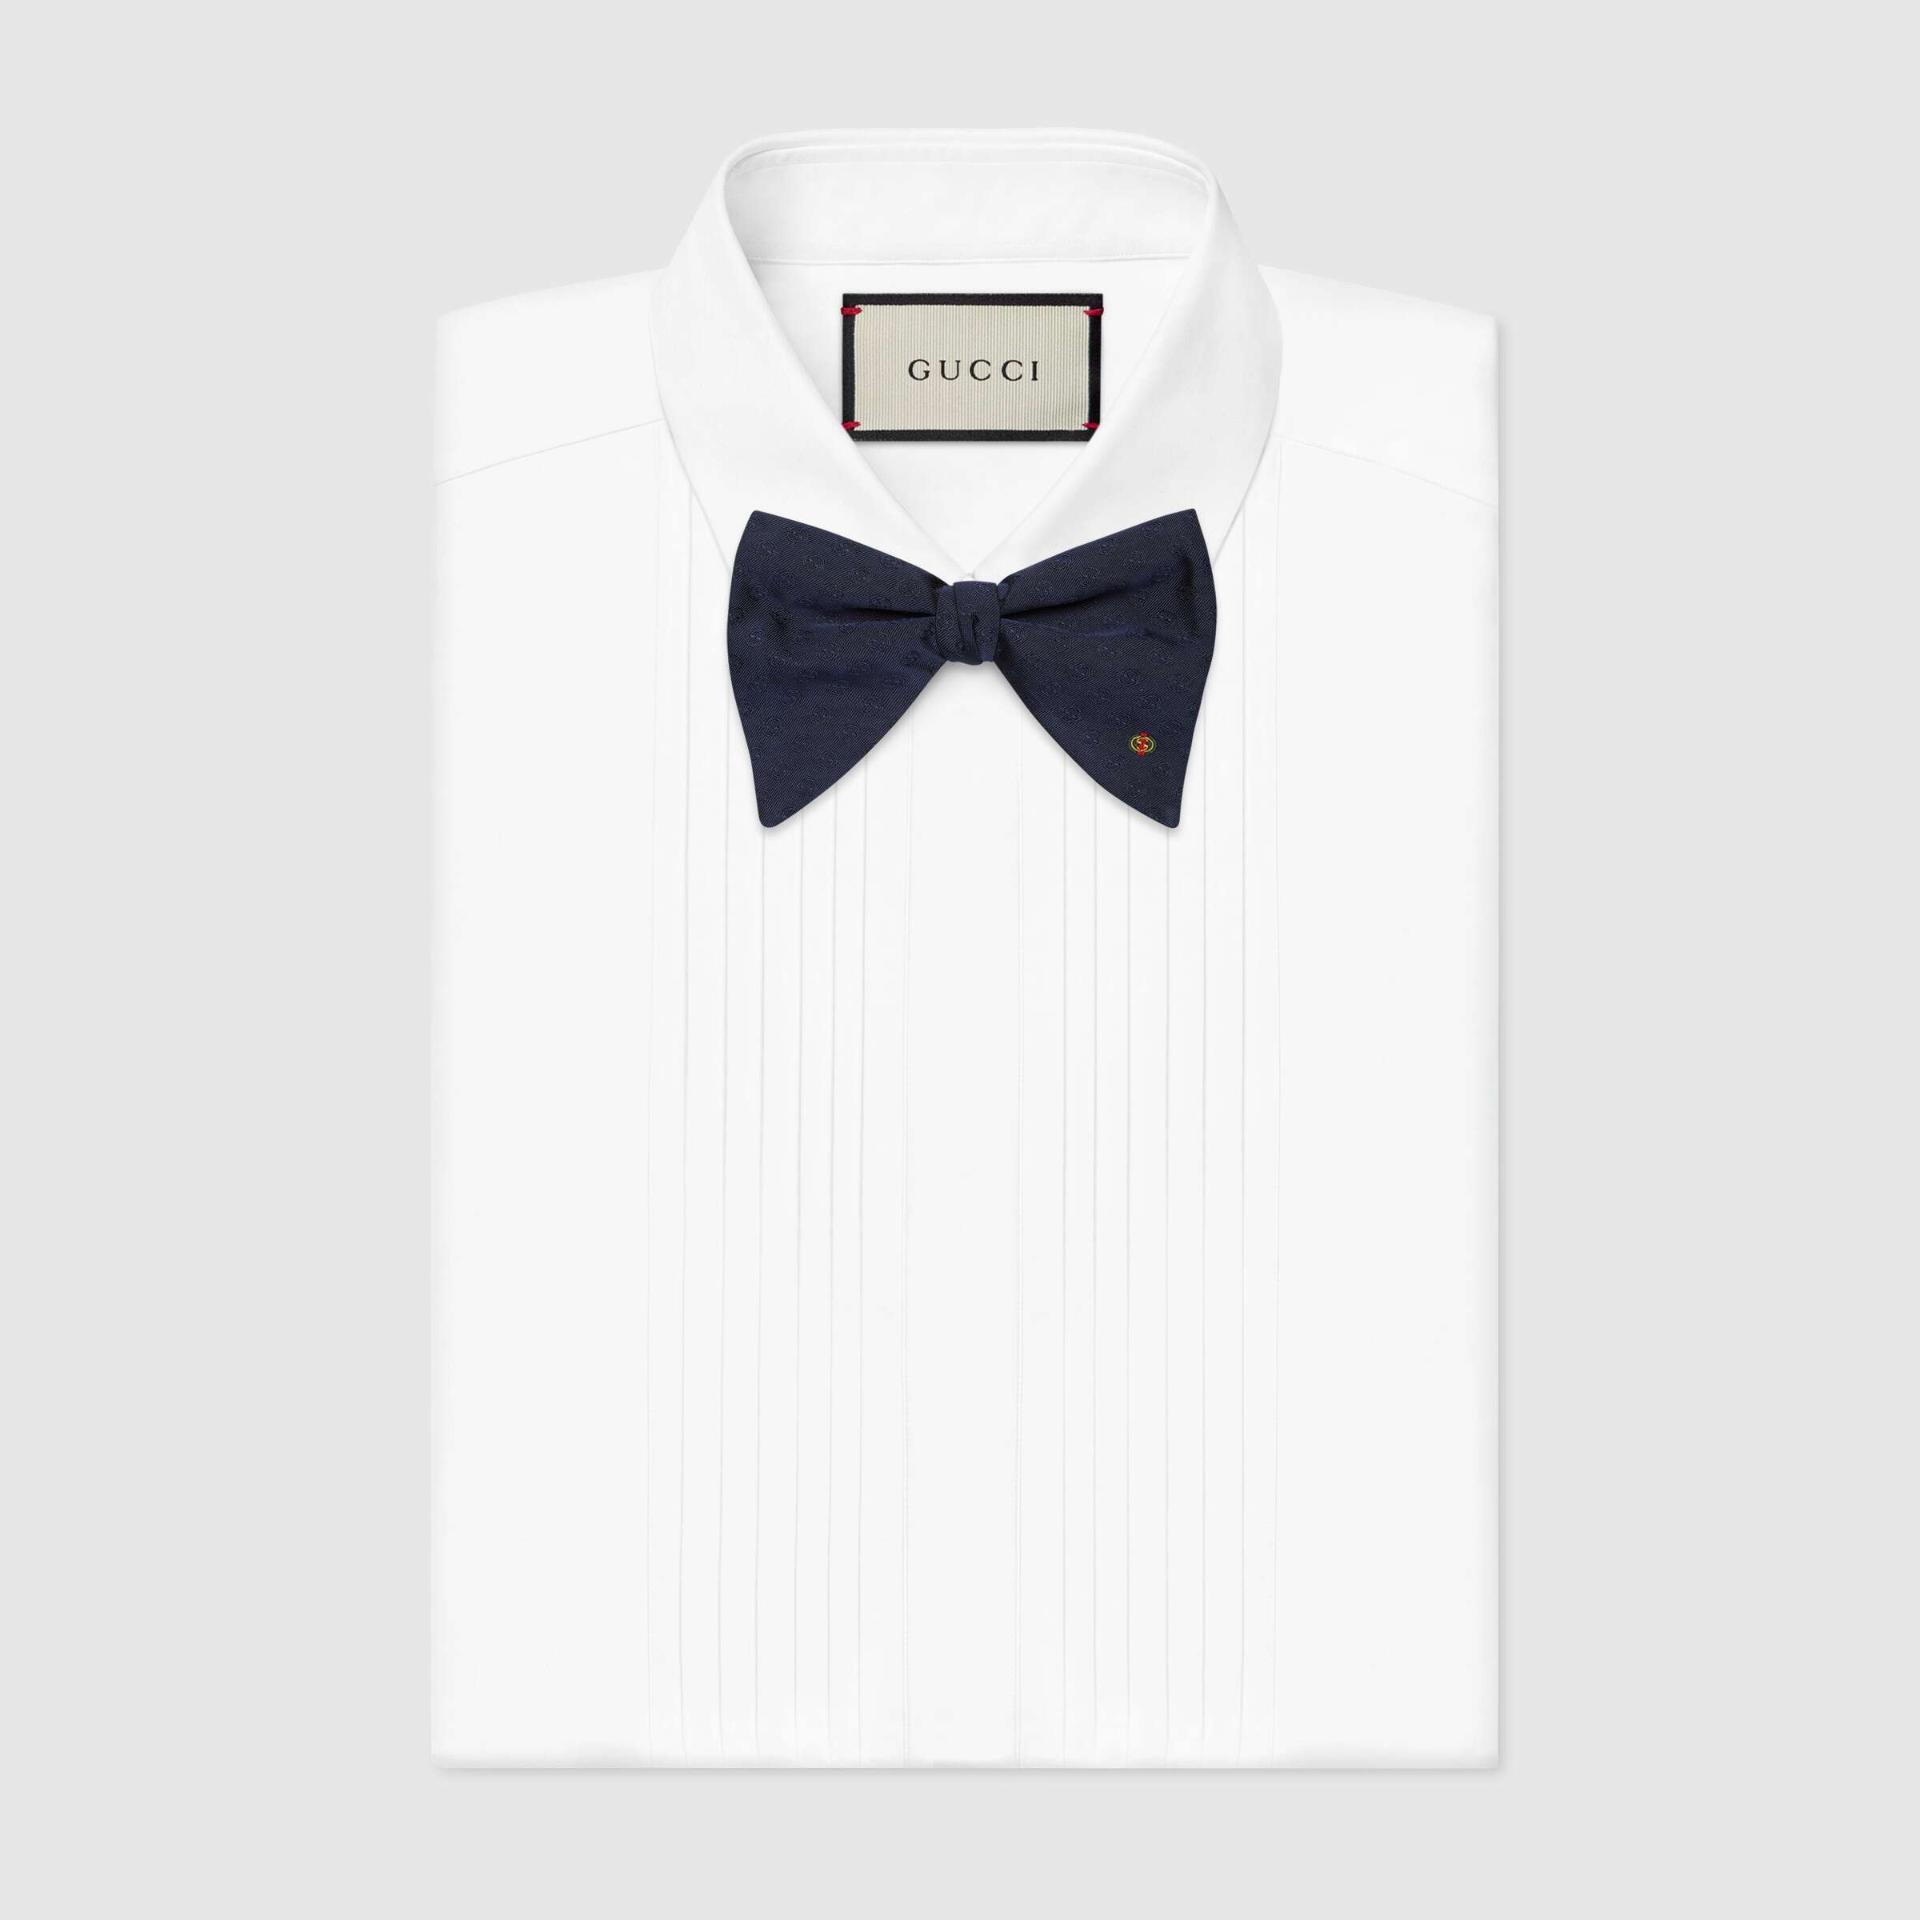 유럽직배송 구찌 GUCCI Gucci Silk bow tie 6582524G0094100